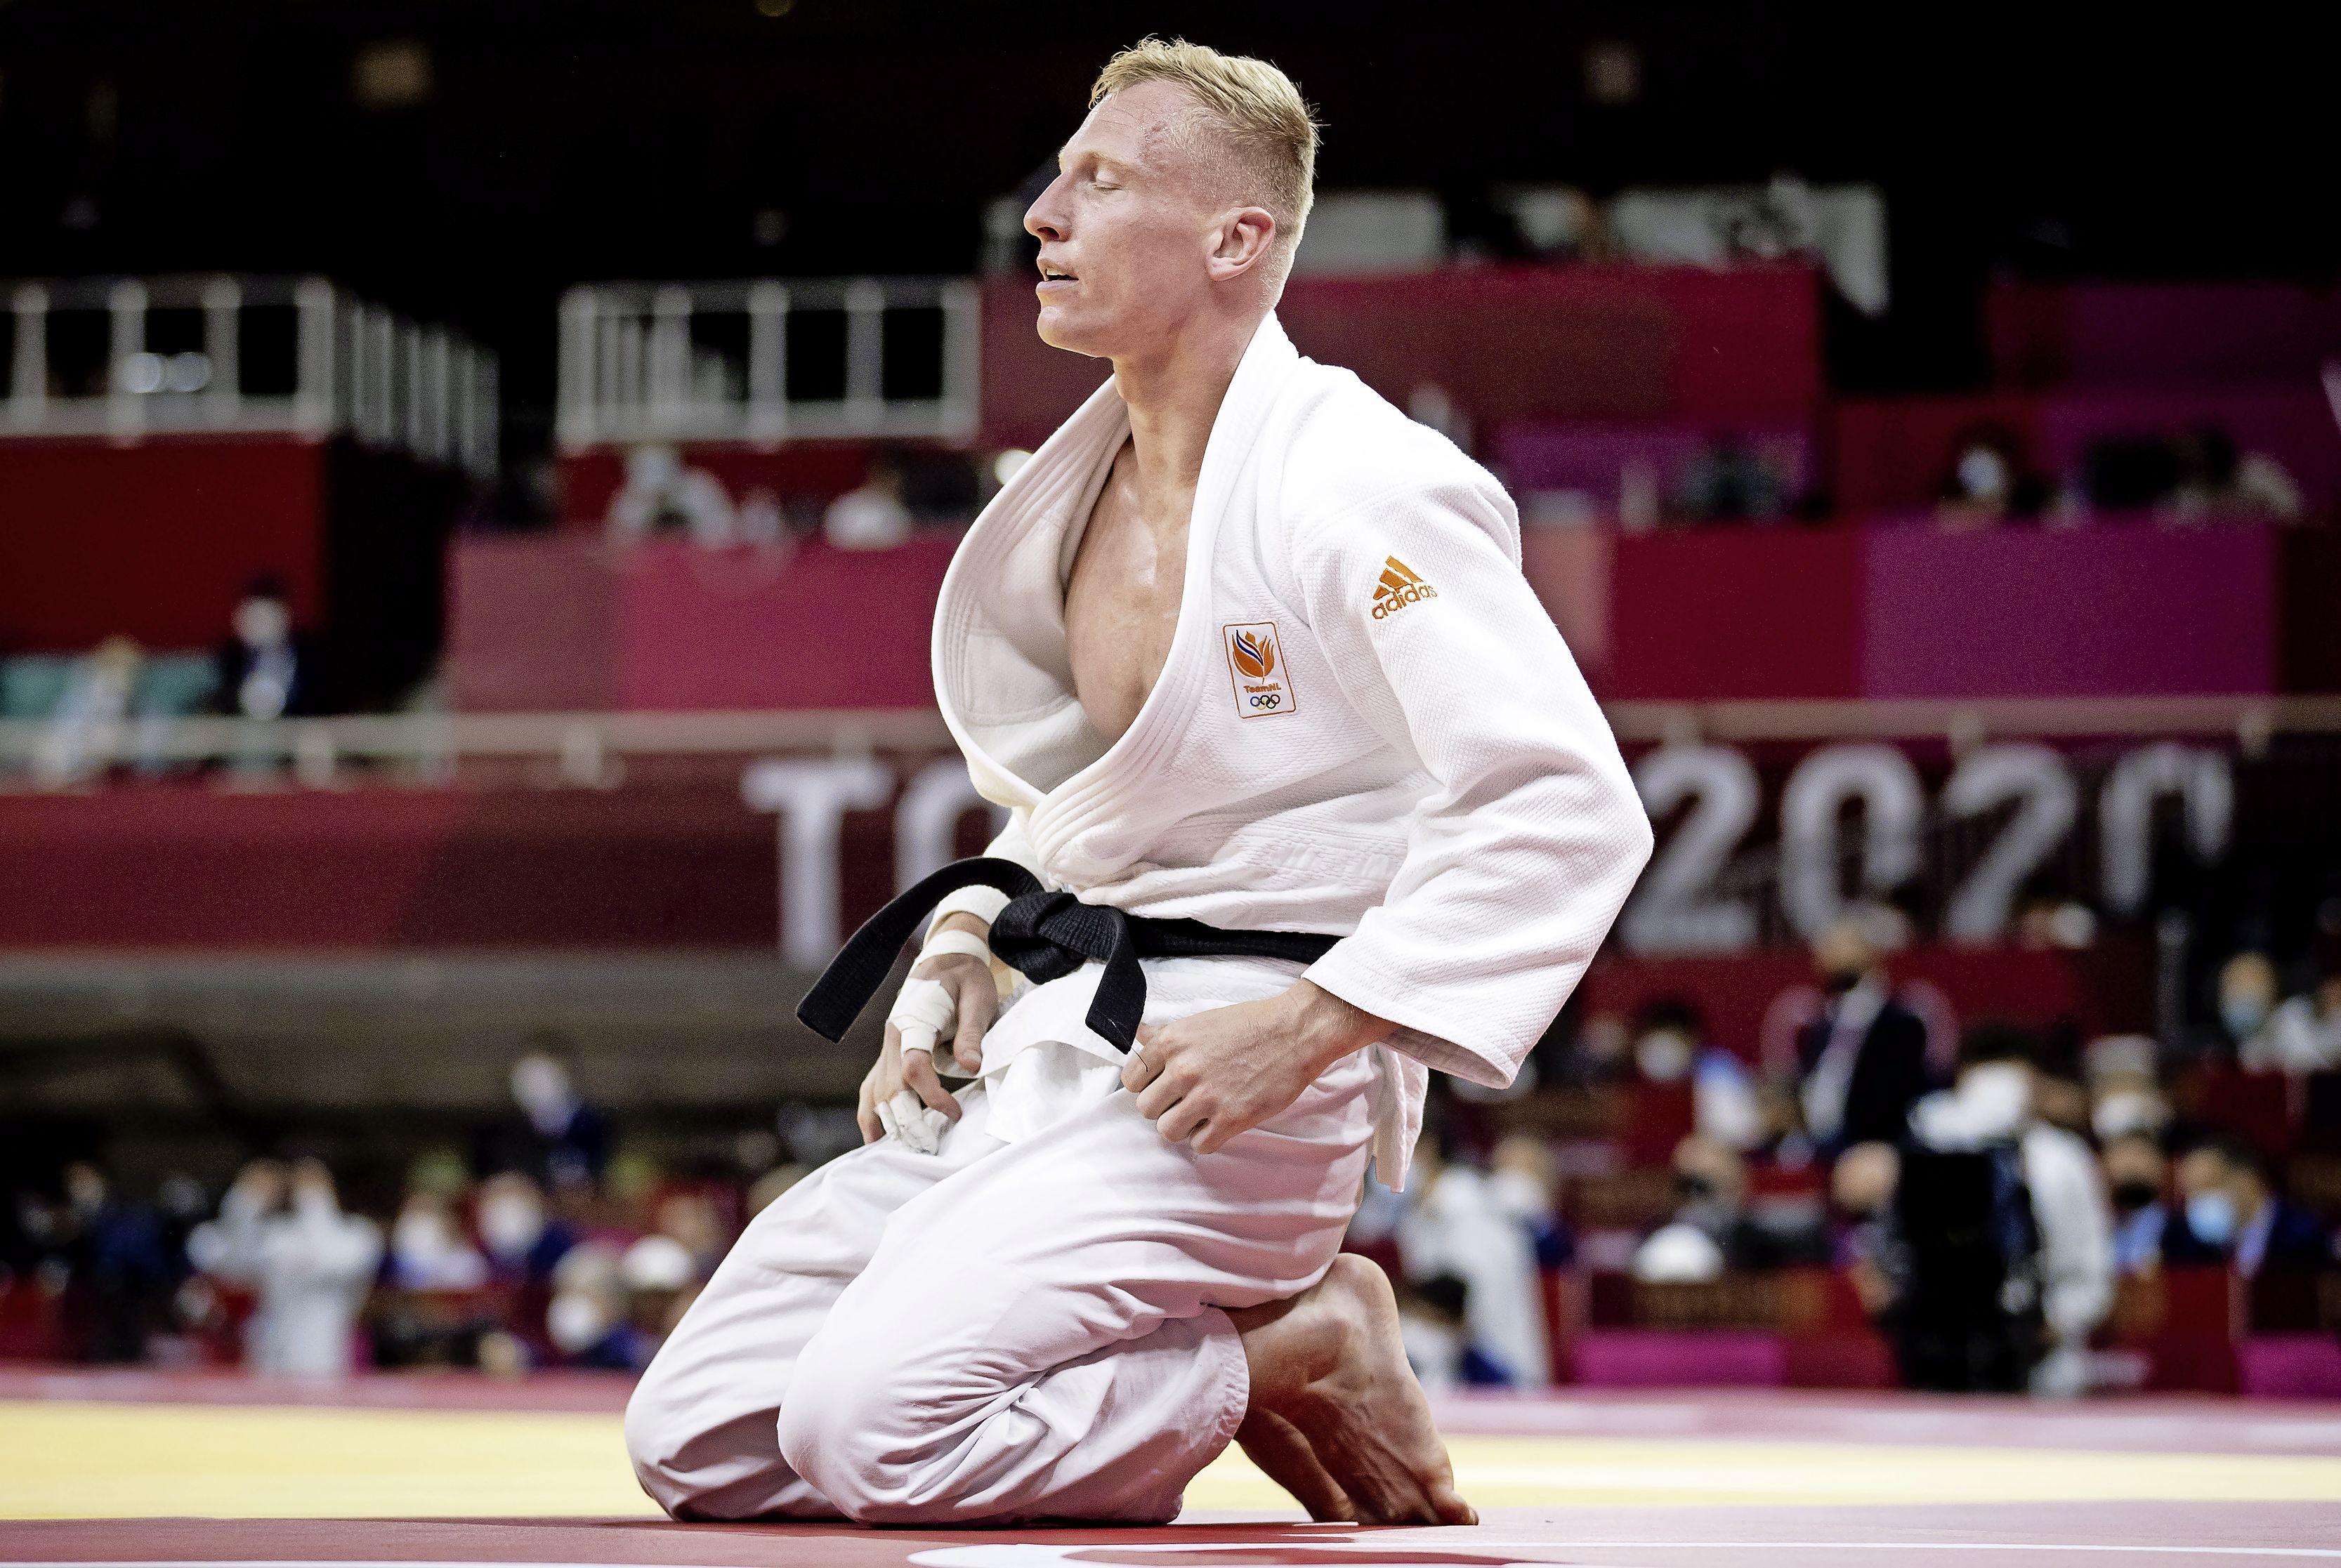 Heemskerker De Wit: overal medaille gepakt, verbijsterd dat het er nu op zit